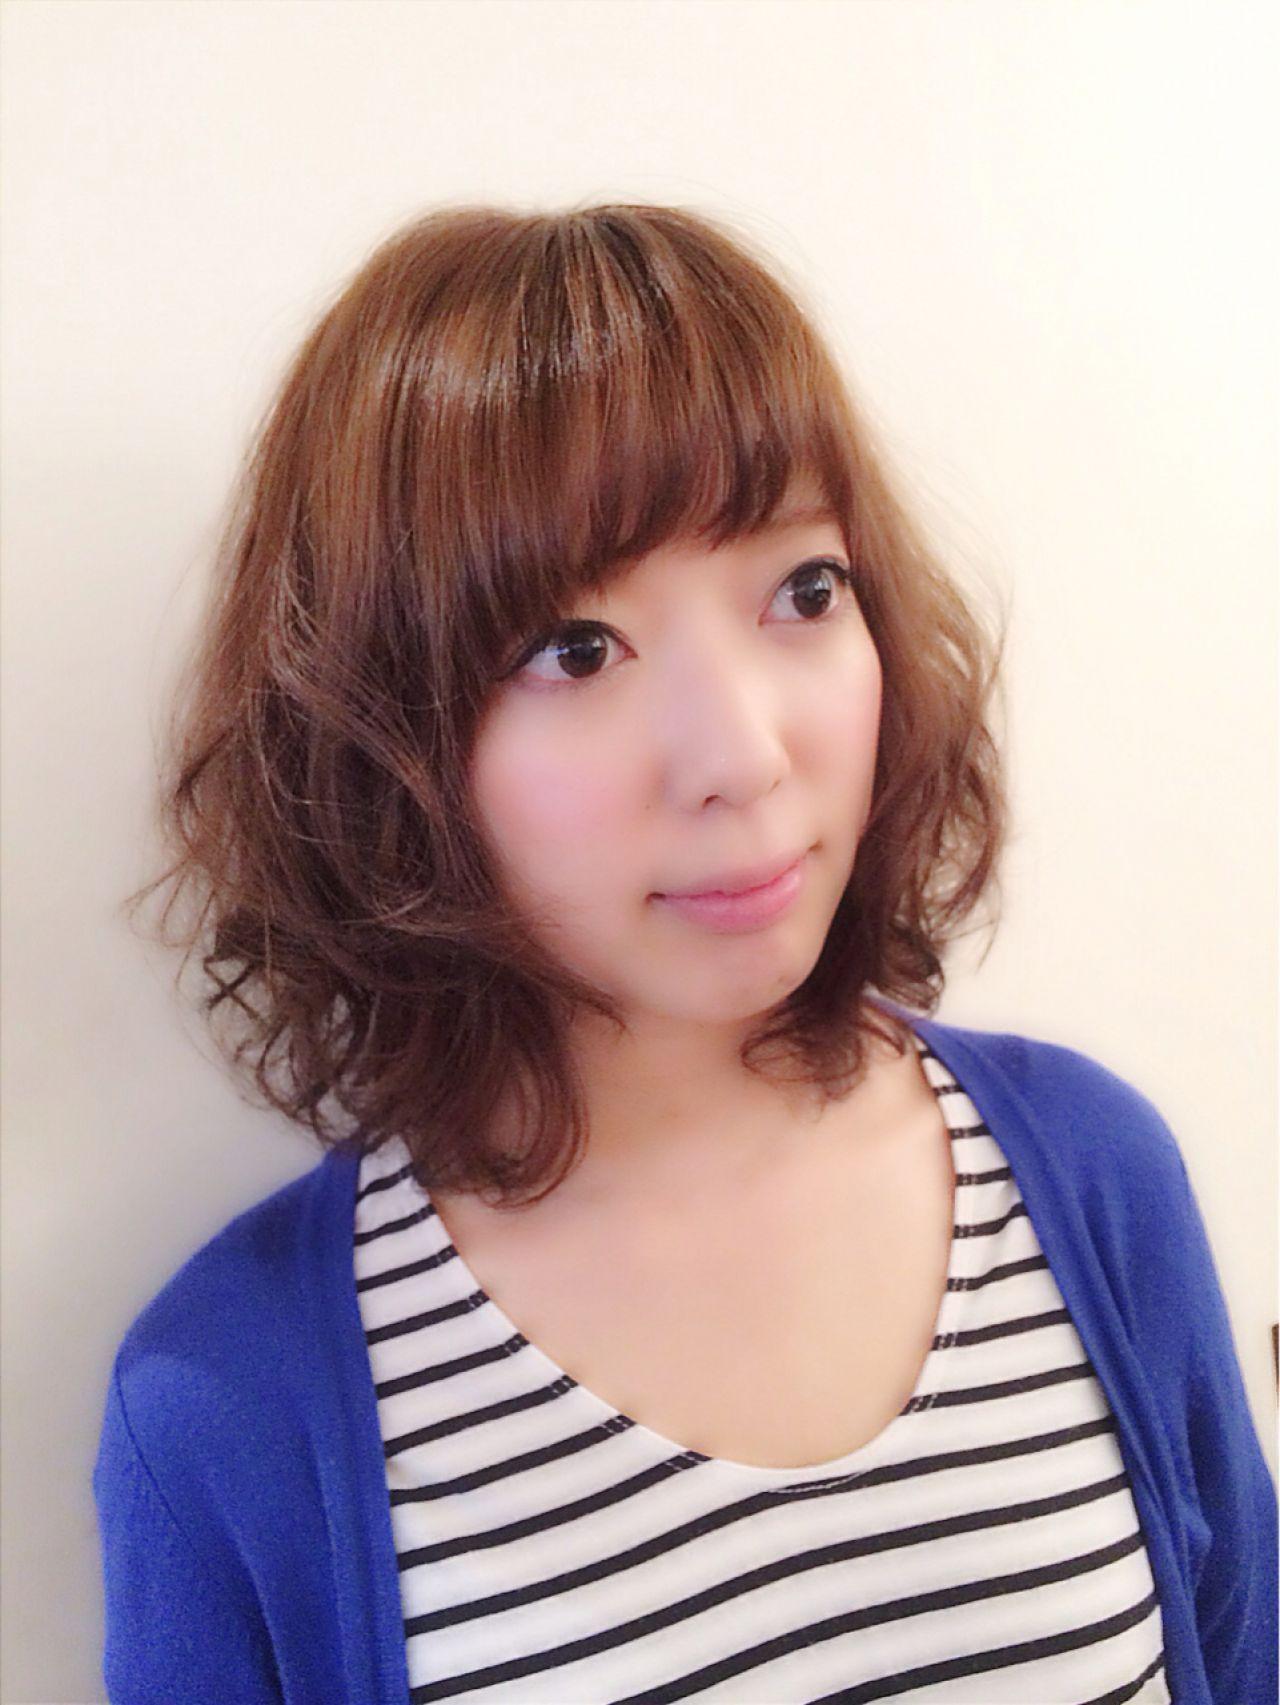 ふんわりフェミニンなパーマボブ♡ Doll hair 南 佳太 | Dollhair【ドールヘアー】